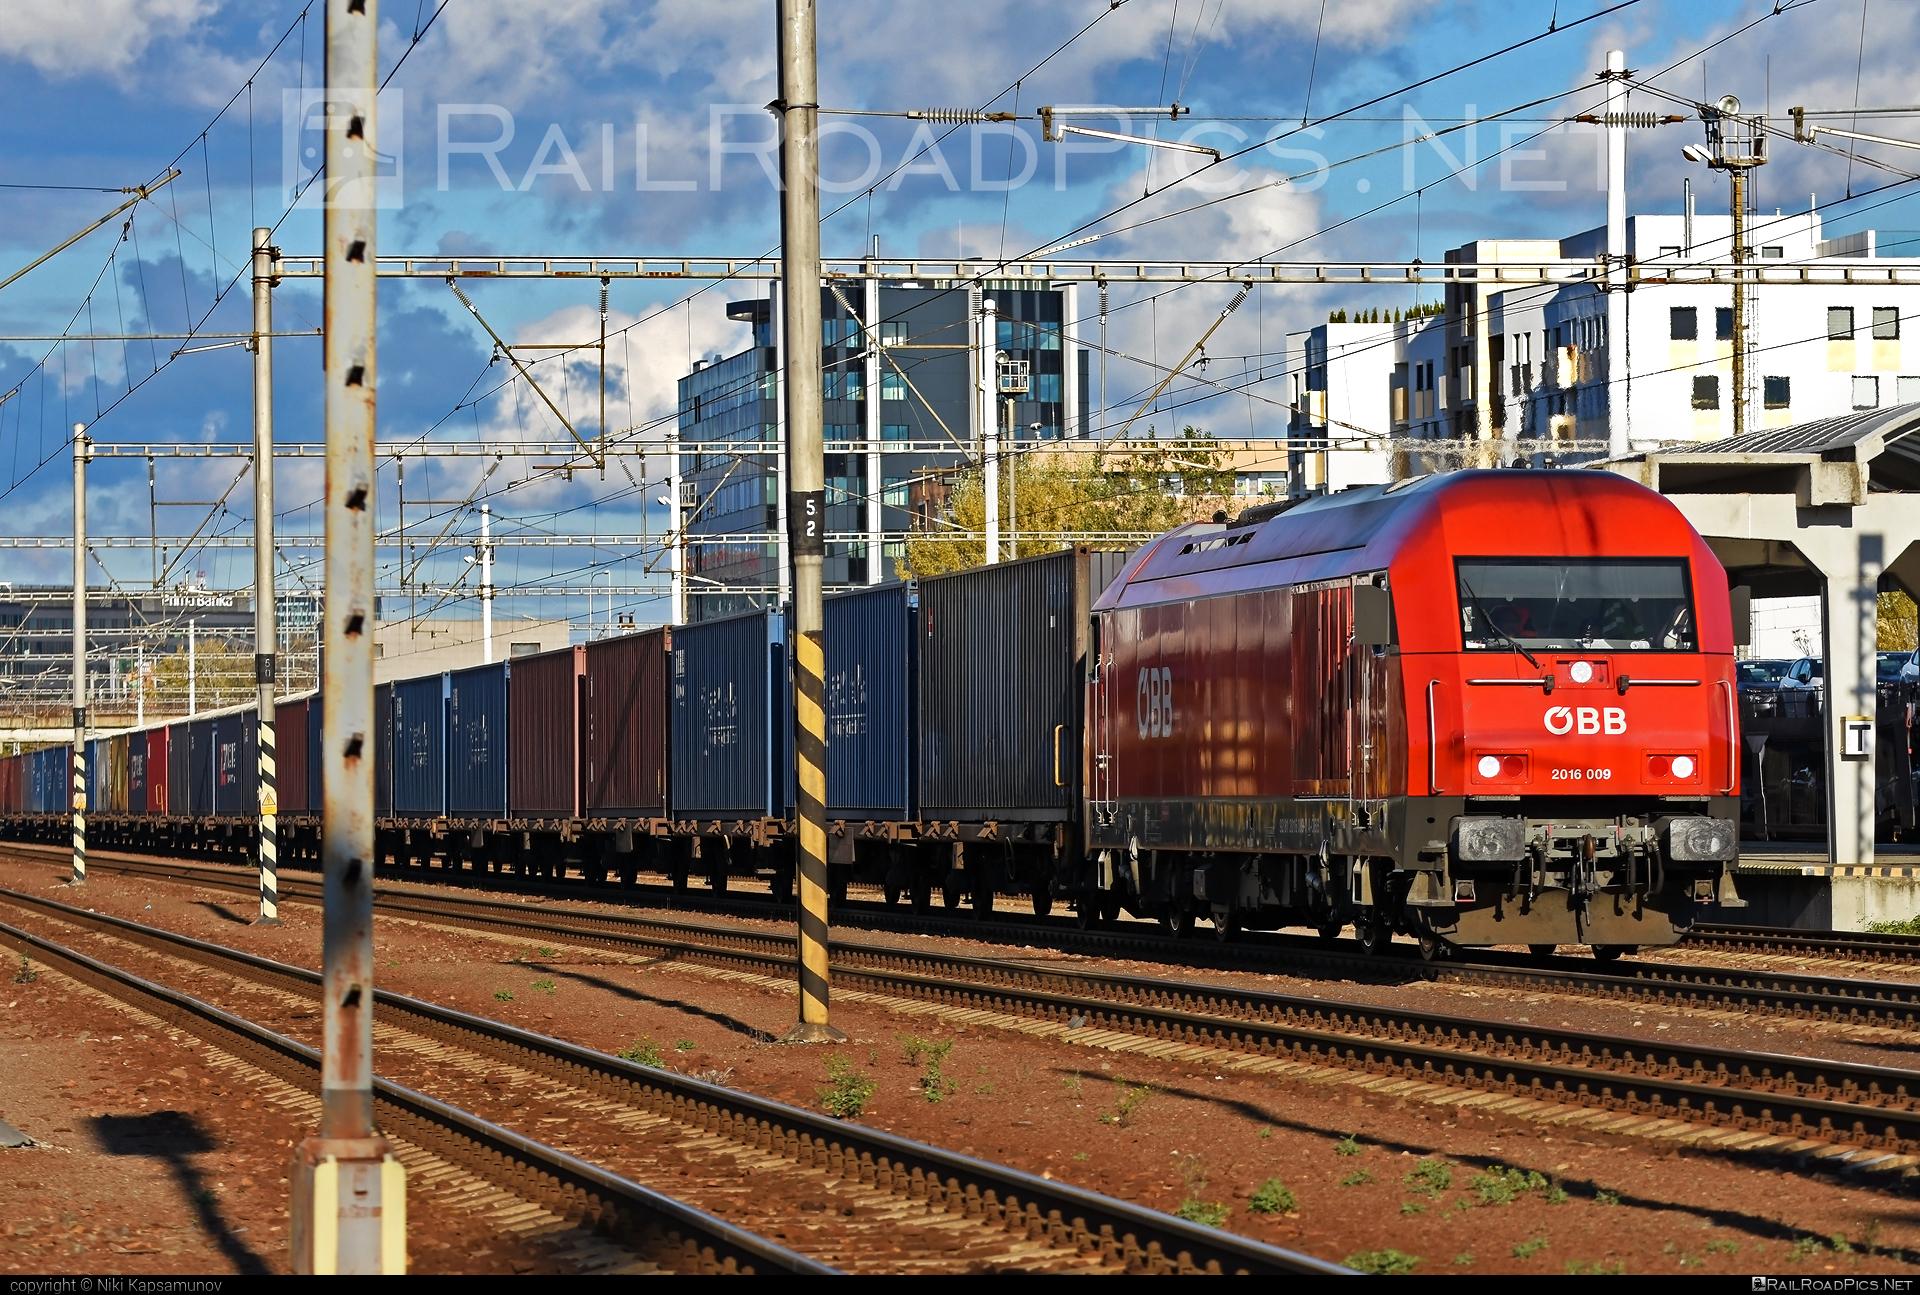 Siemens ER20 - 2016 009 operated by Rail Cargo Carrier – Slovakia s.r.o. #er20 #er20hercules #eurorunner #flatwagon #obb #osterreichischebundesbahnen #siemens #siemenser20 #siemenser20hercules #siemenseurorunner #siemenshercules